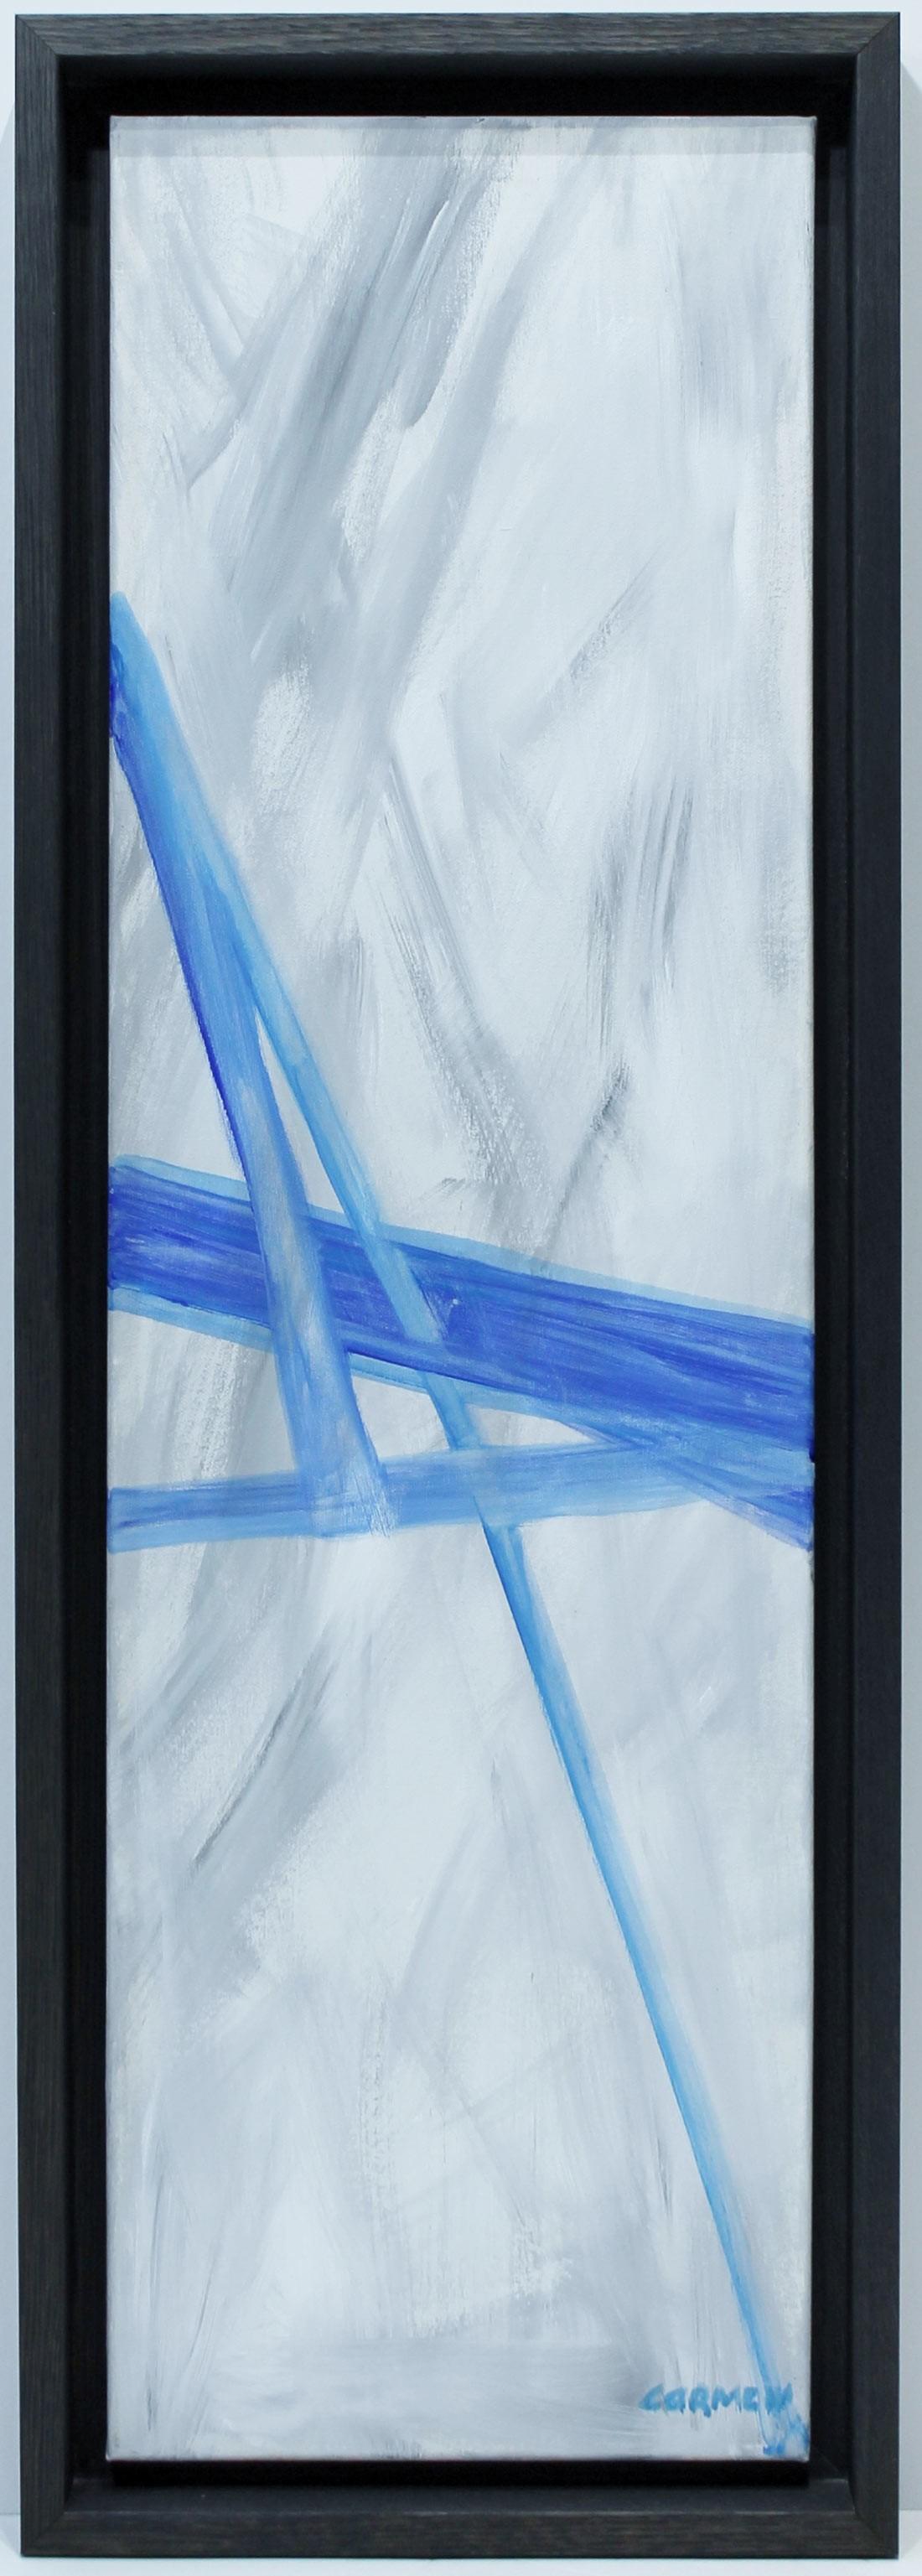 Carmen Schamann: Espacio en azul